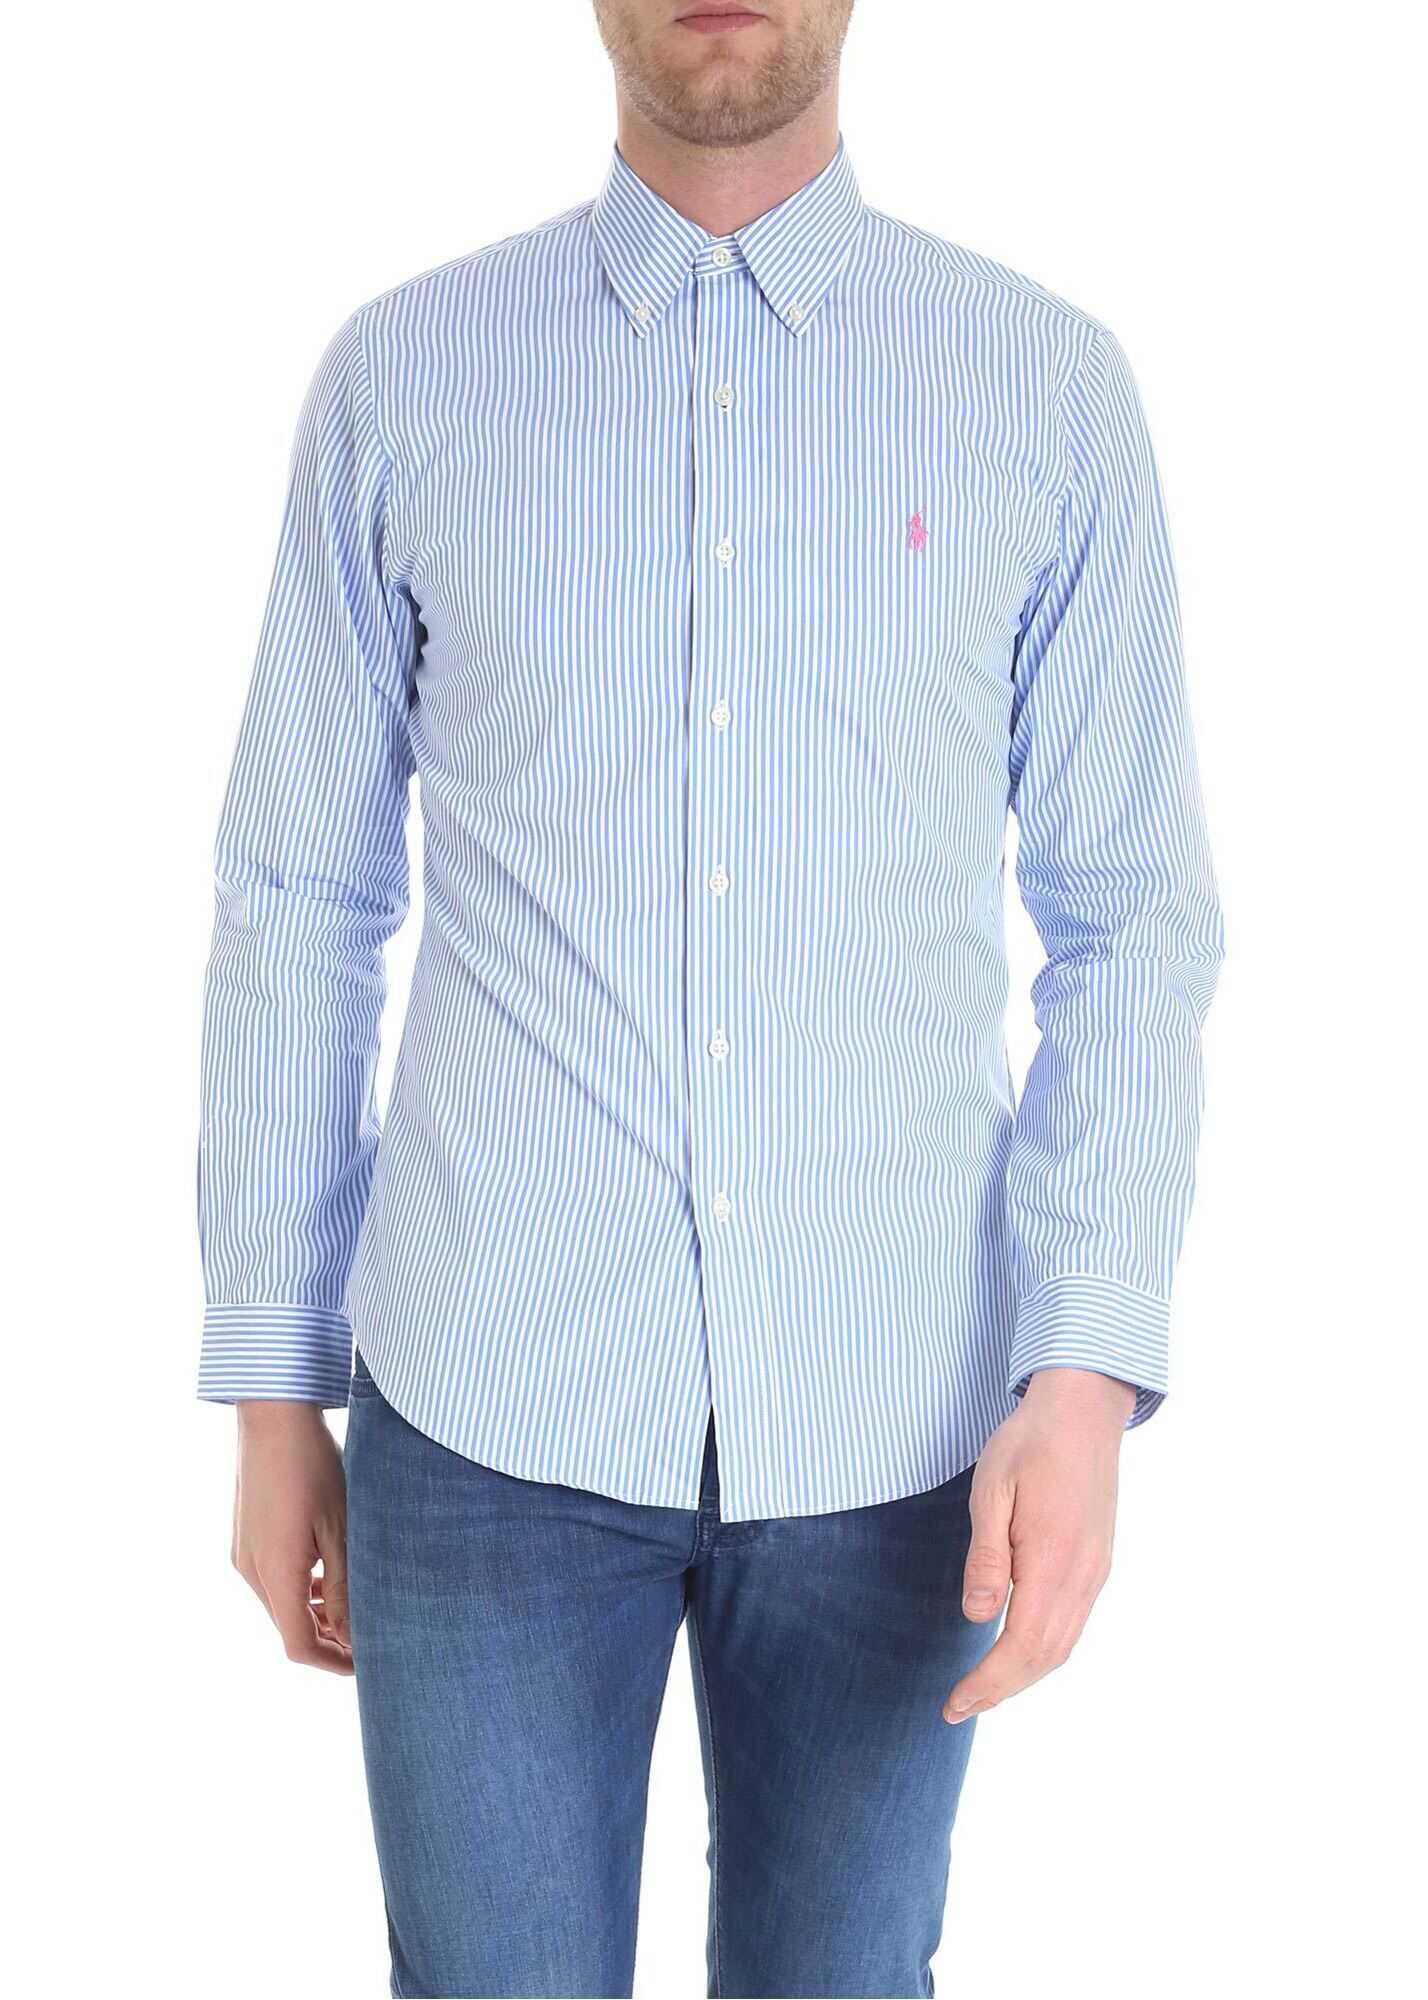 Ralph Lauren Blue And White Button Down Shirt Light Blue imagine